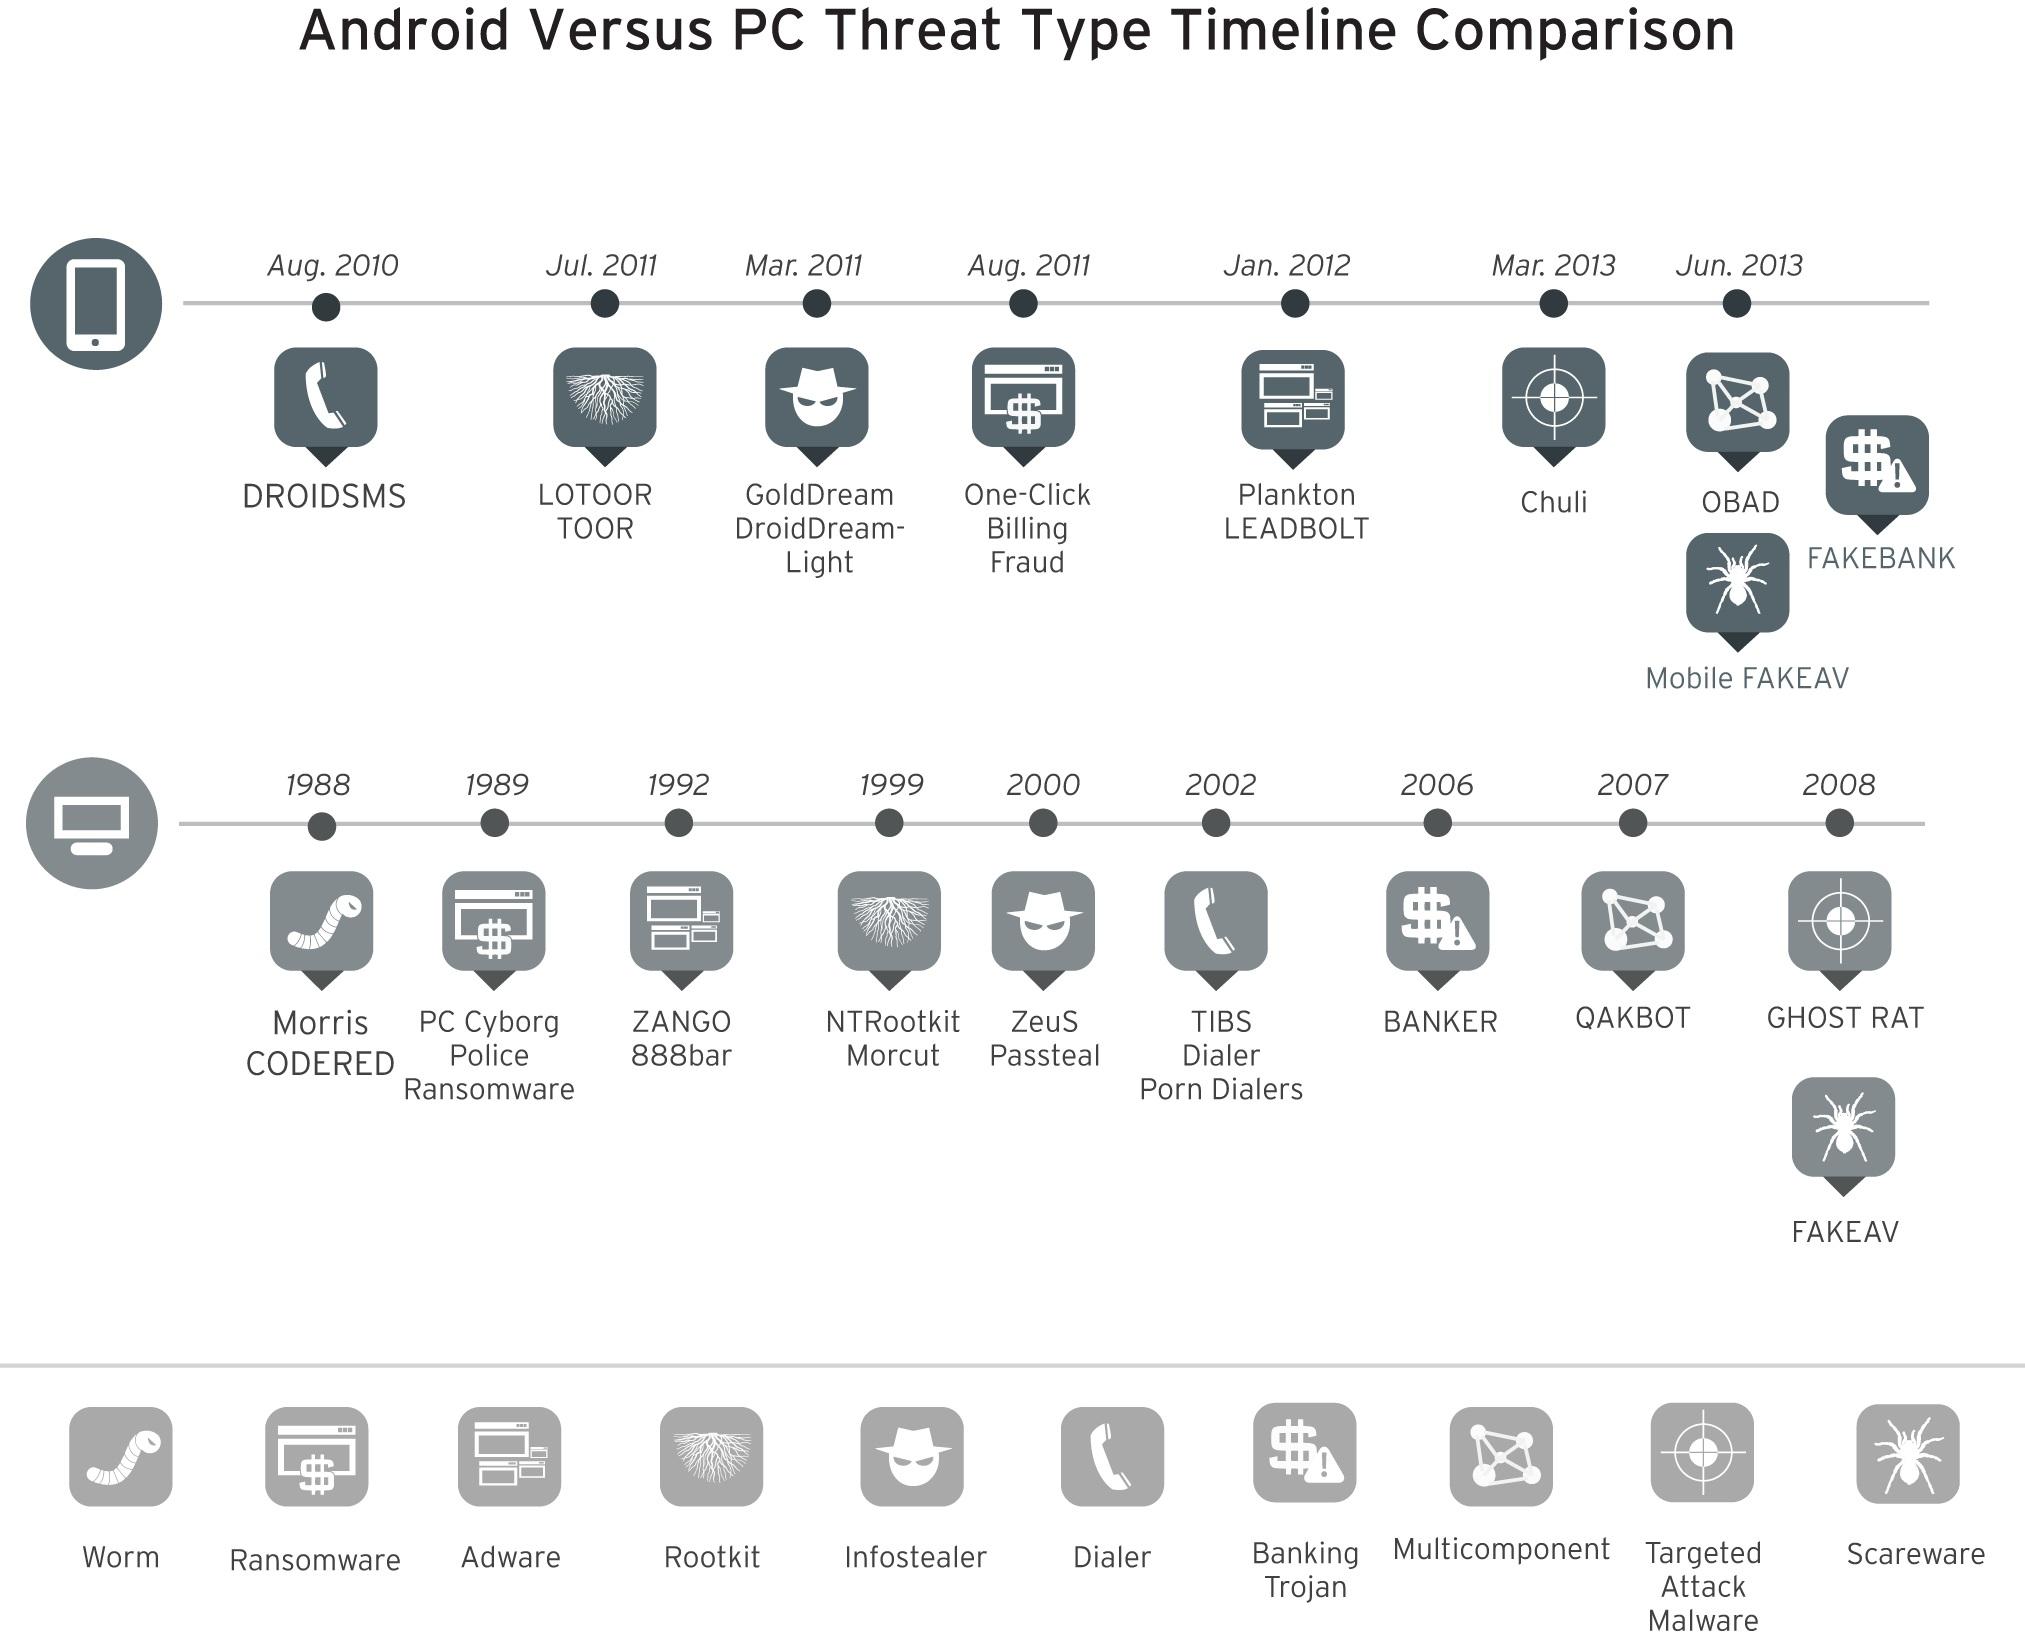 التحديث الزمني للهجمات على الأجهزة النقالة والعمليات البنكية